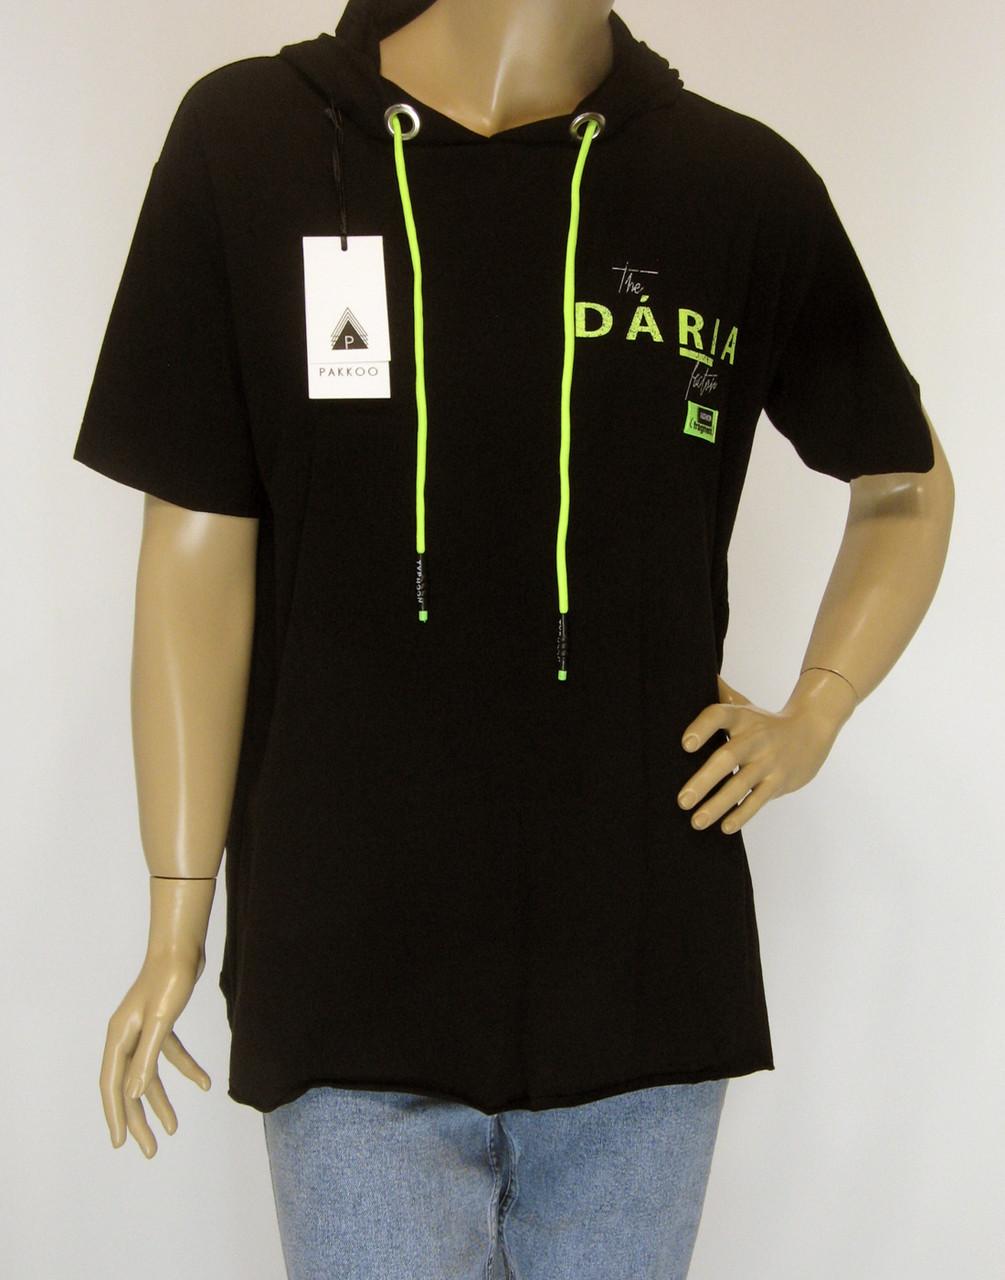 Спортивна чорна жіноча футболка з капюшоном Pakkoo